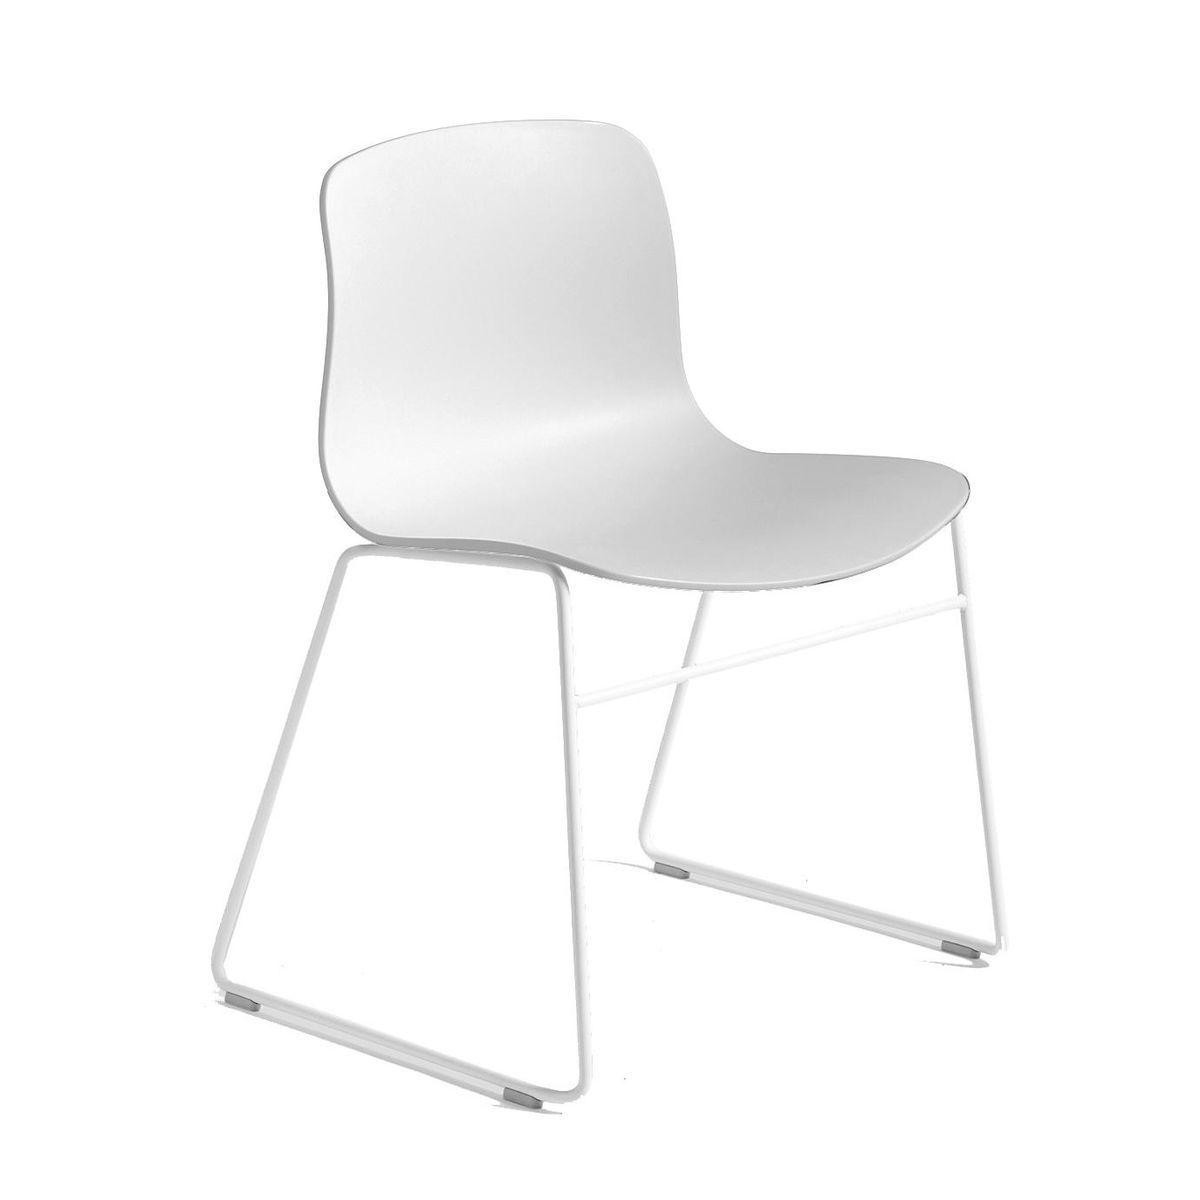 About a chair 08 stuhl mit kufen gestell wei hay for Design stuhl mit kufen